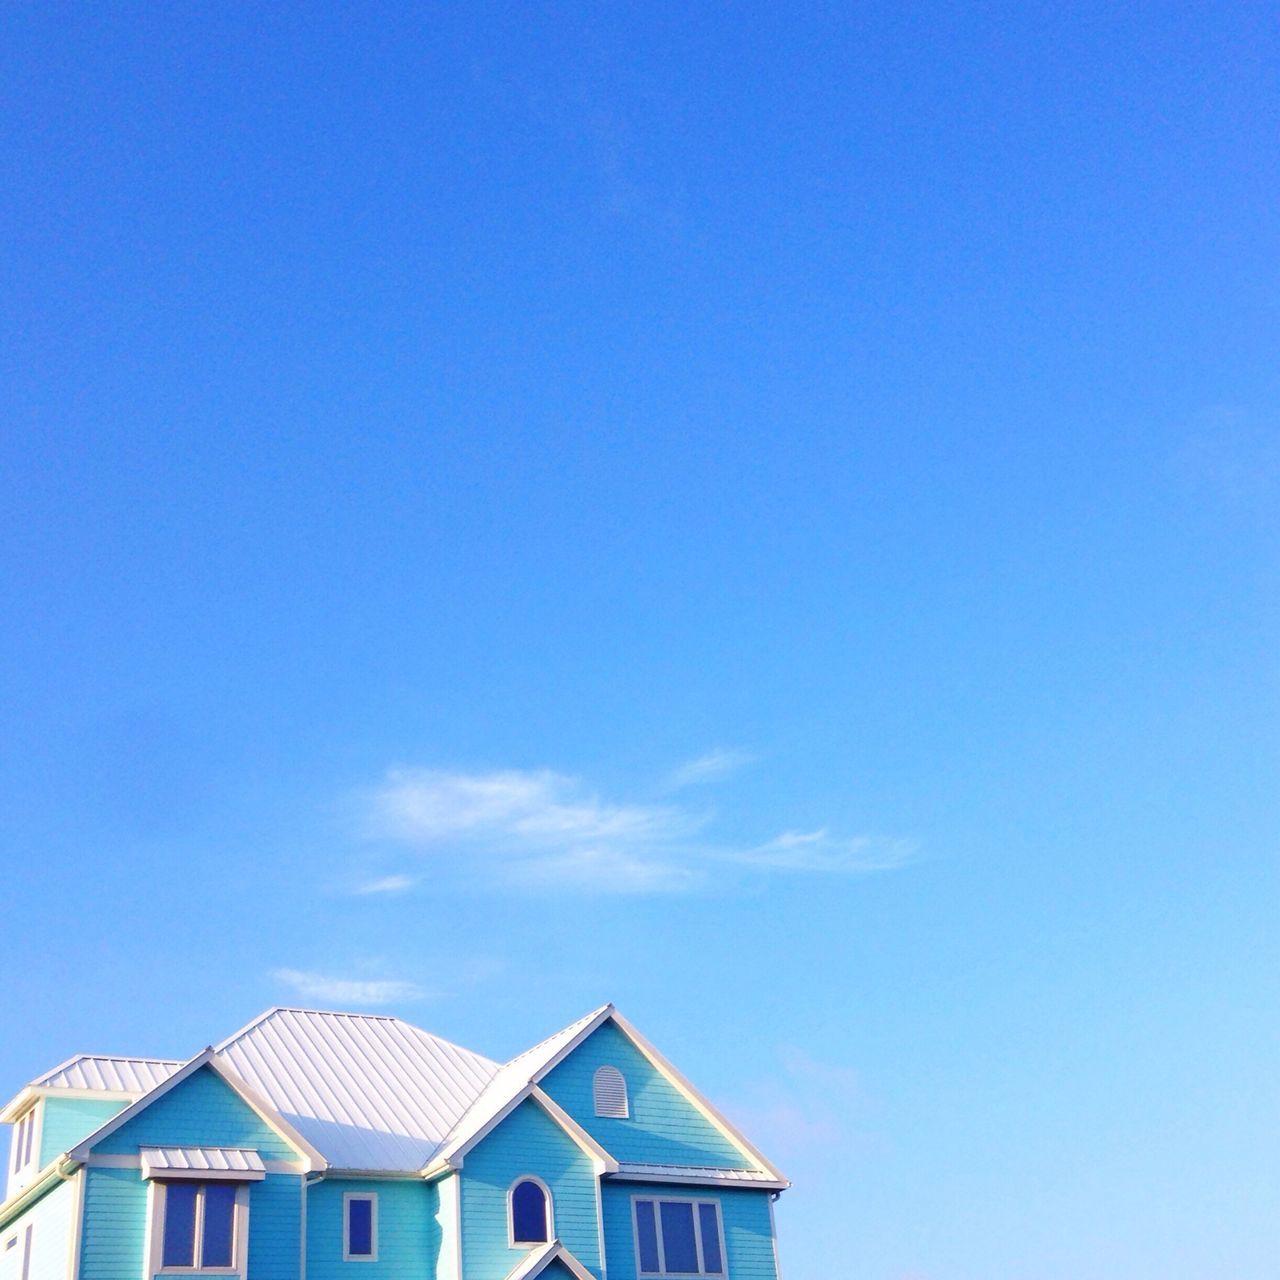 Blue house against blue sky